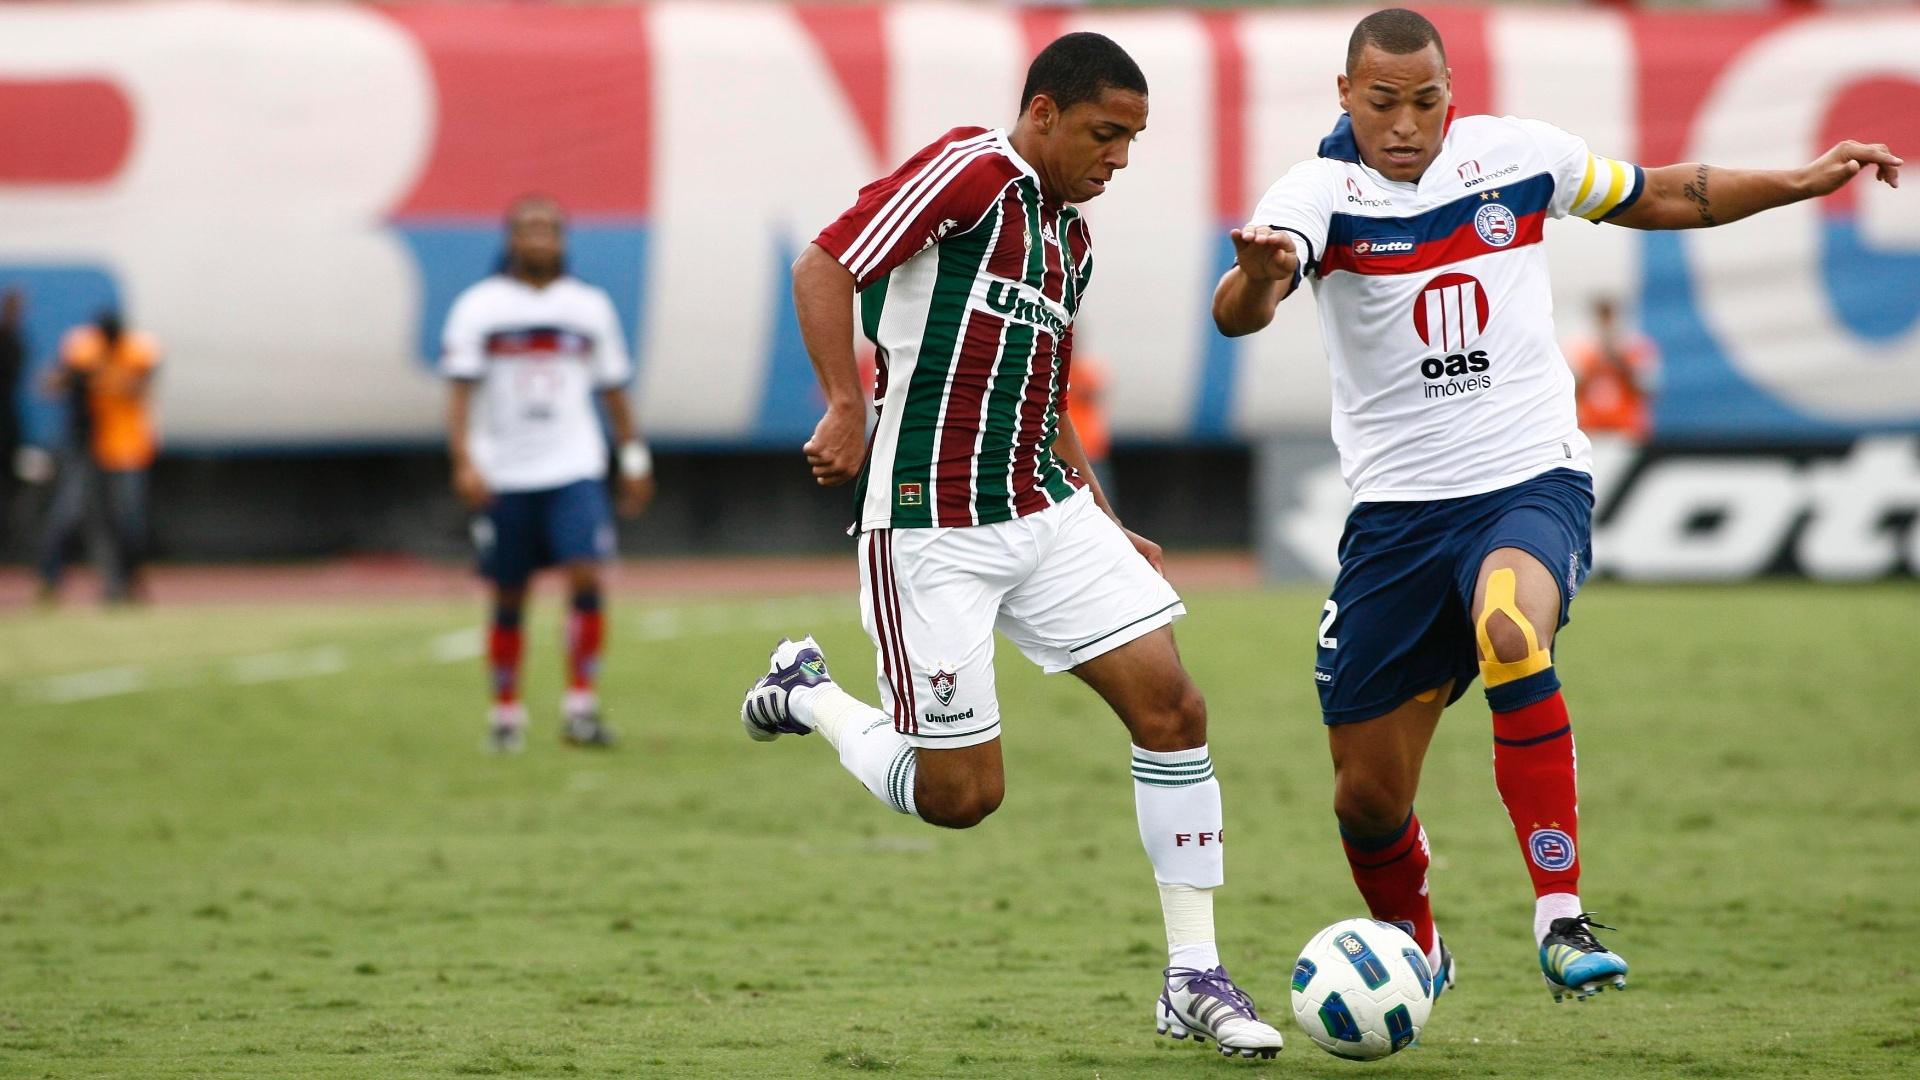 Wallace domina a bola diante do marcado do Bahia, em partida realizada em Salvador